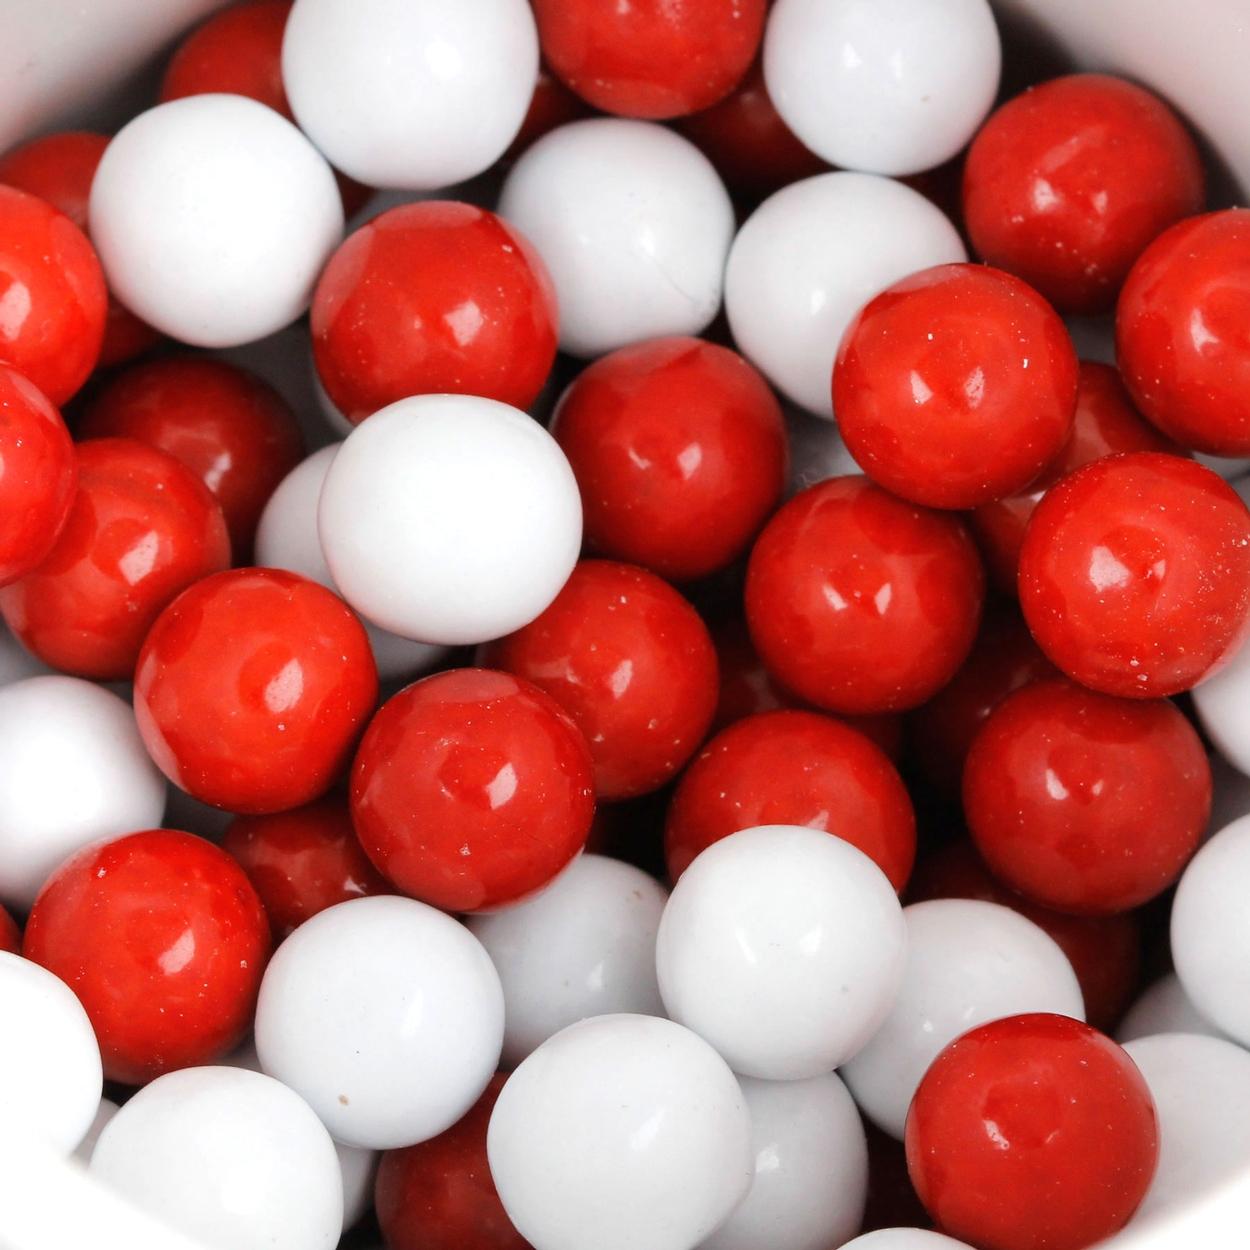 Eşit dağılmış kırmızı ve beyaz bilyeler...